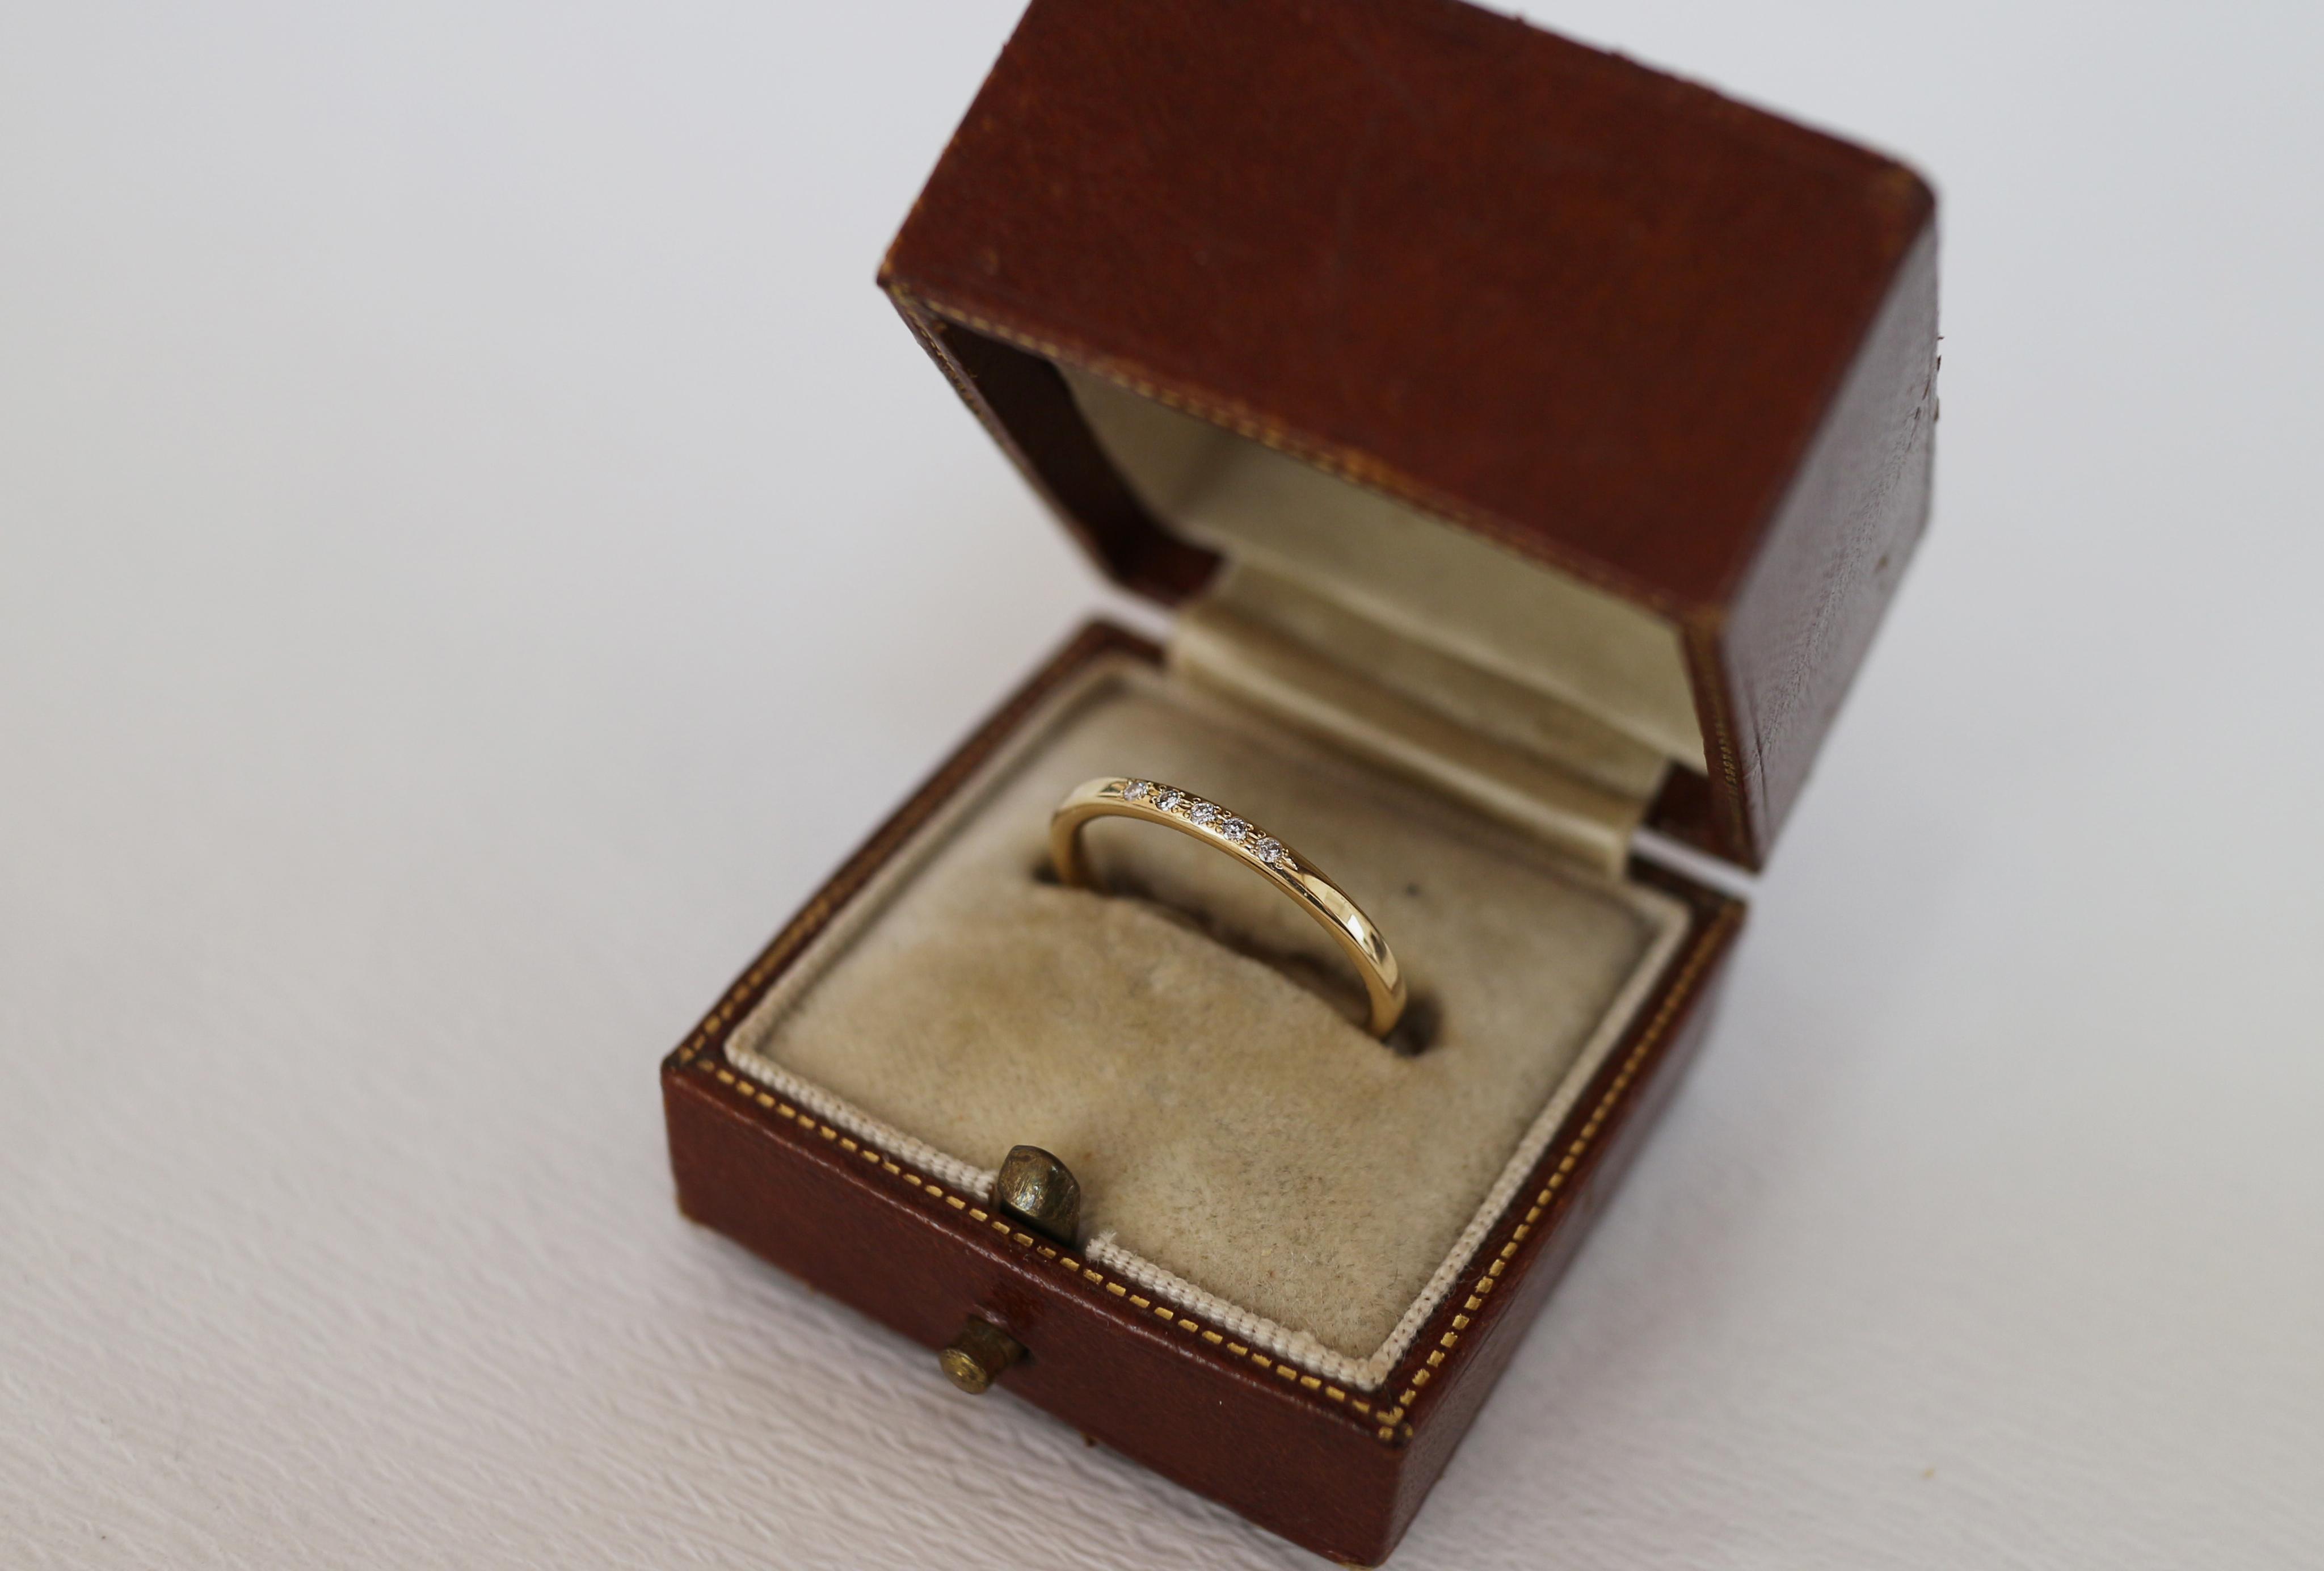 結婚指輪にダイヤモンドを石留め